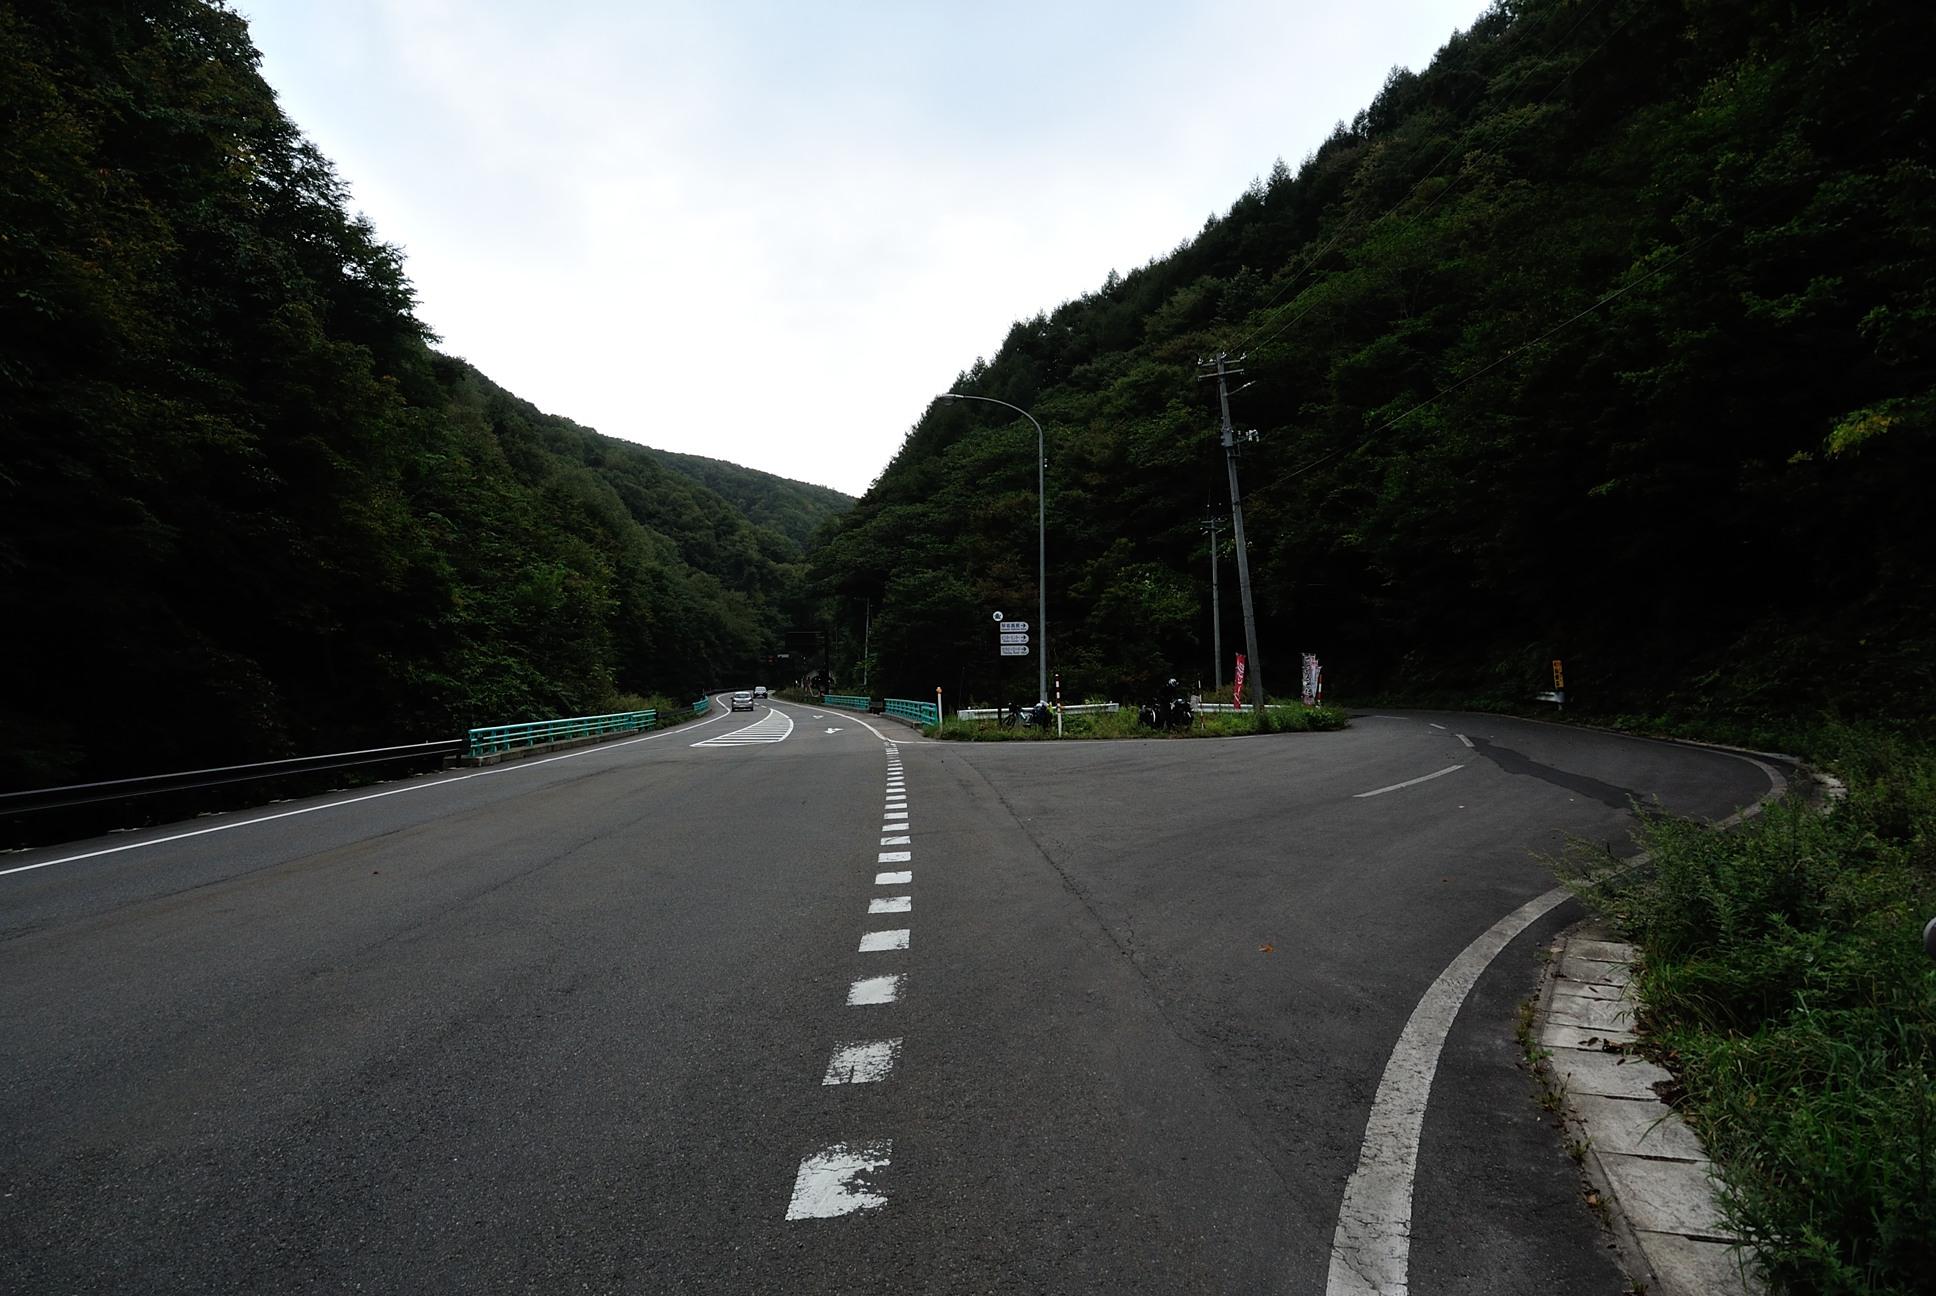 直進すれば盛岡市へ、右の道へ行けば早坂高原